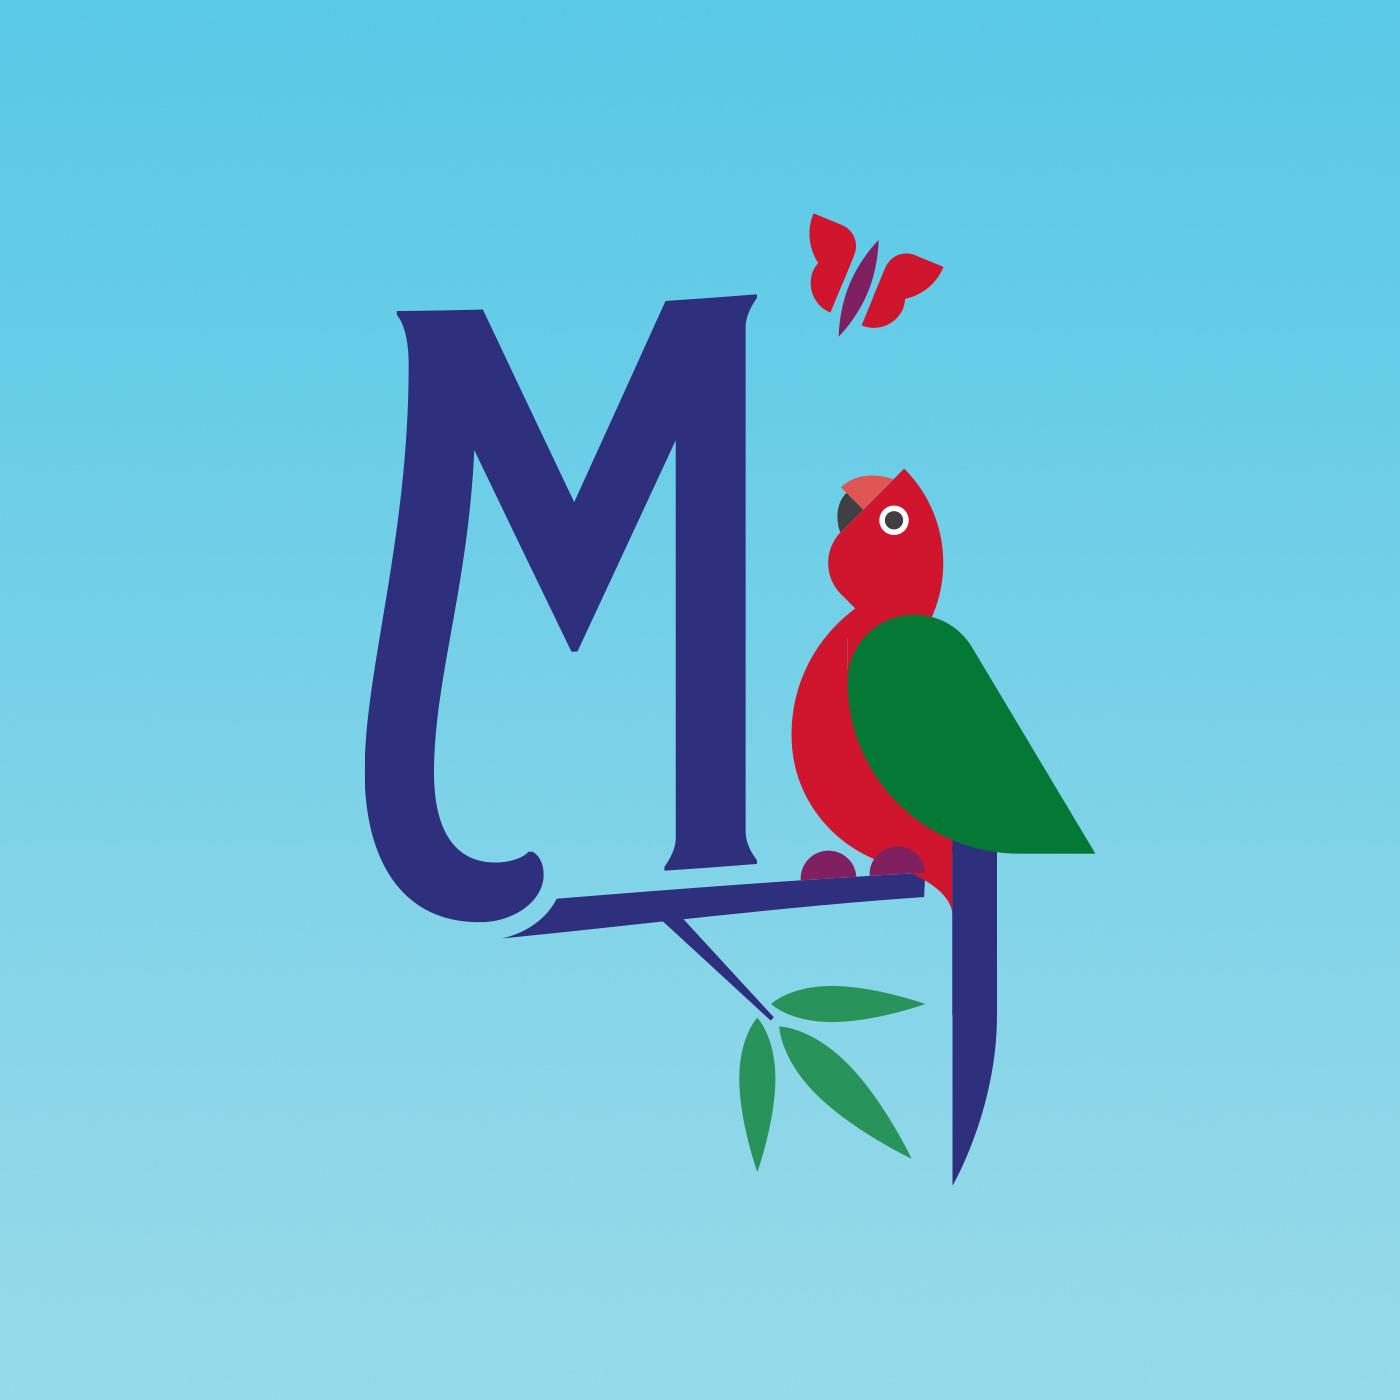 01-mville-bird.jpg